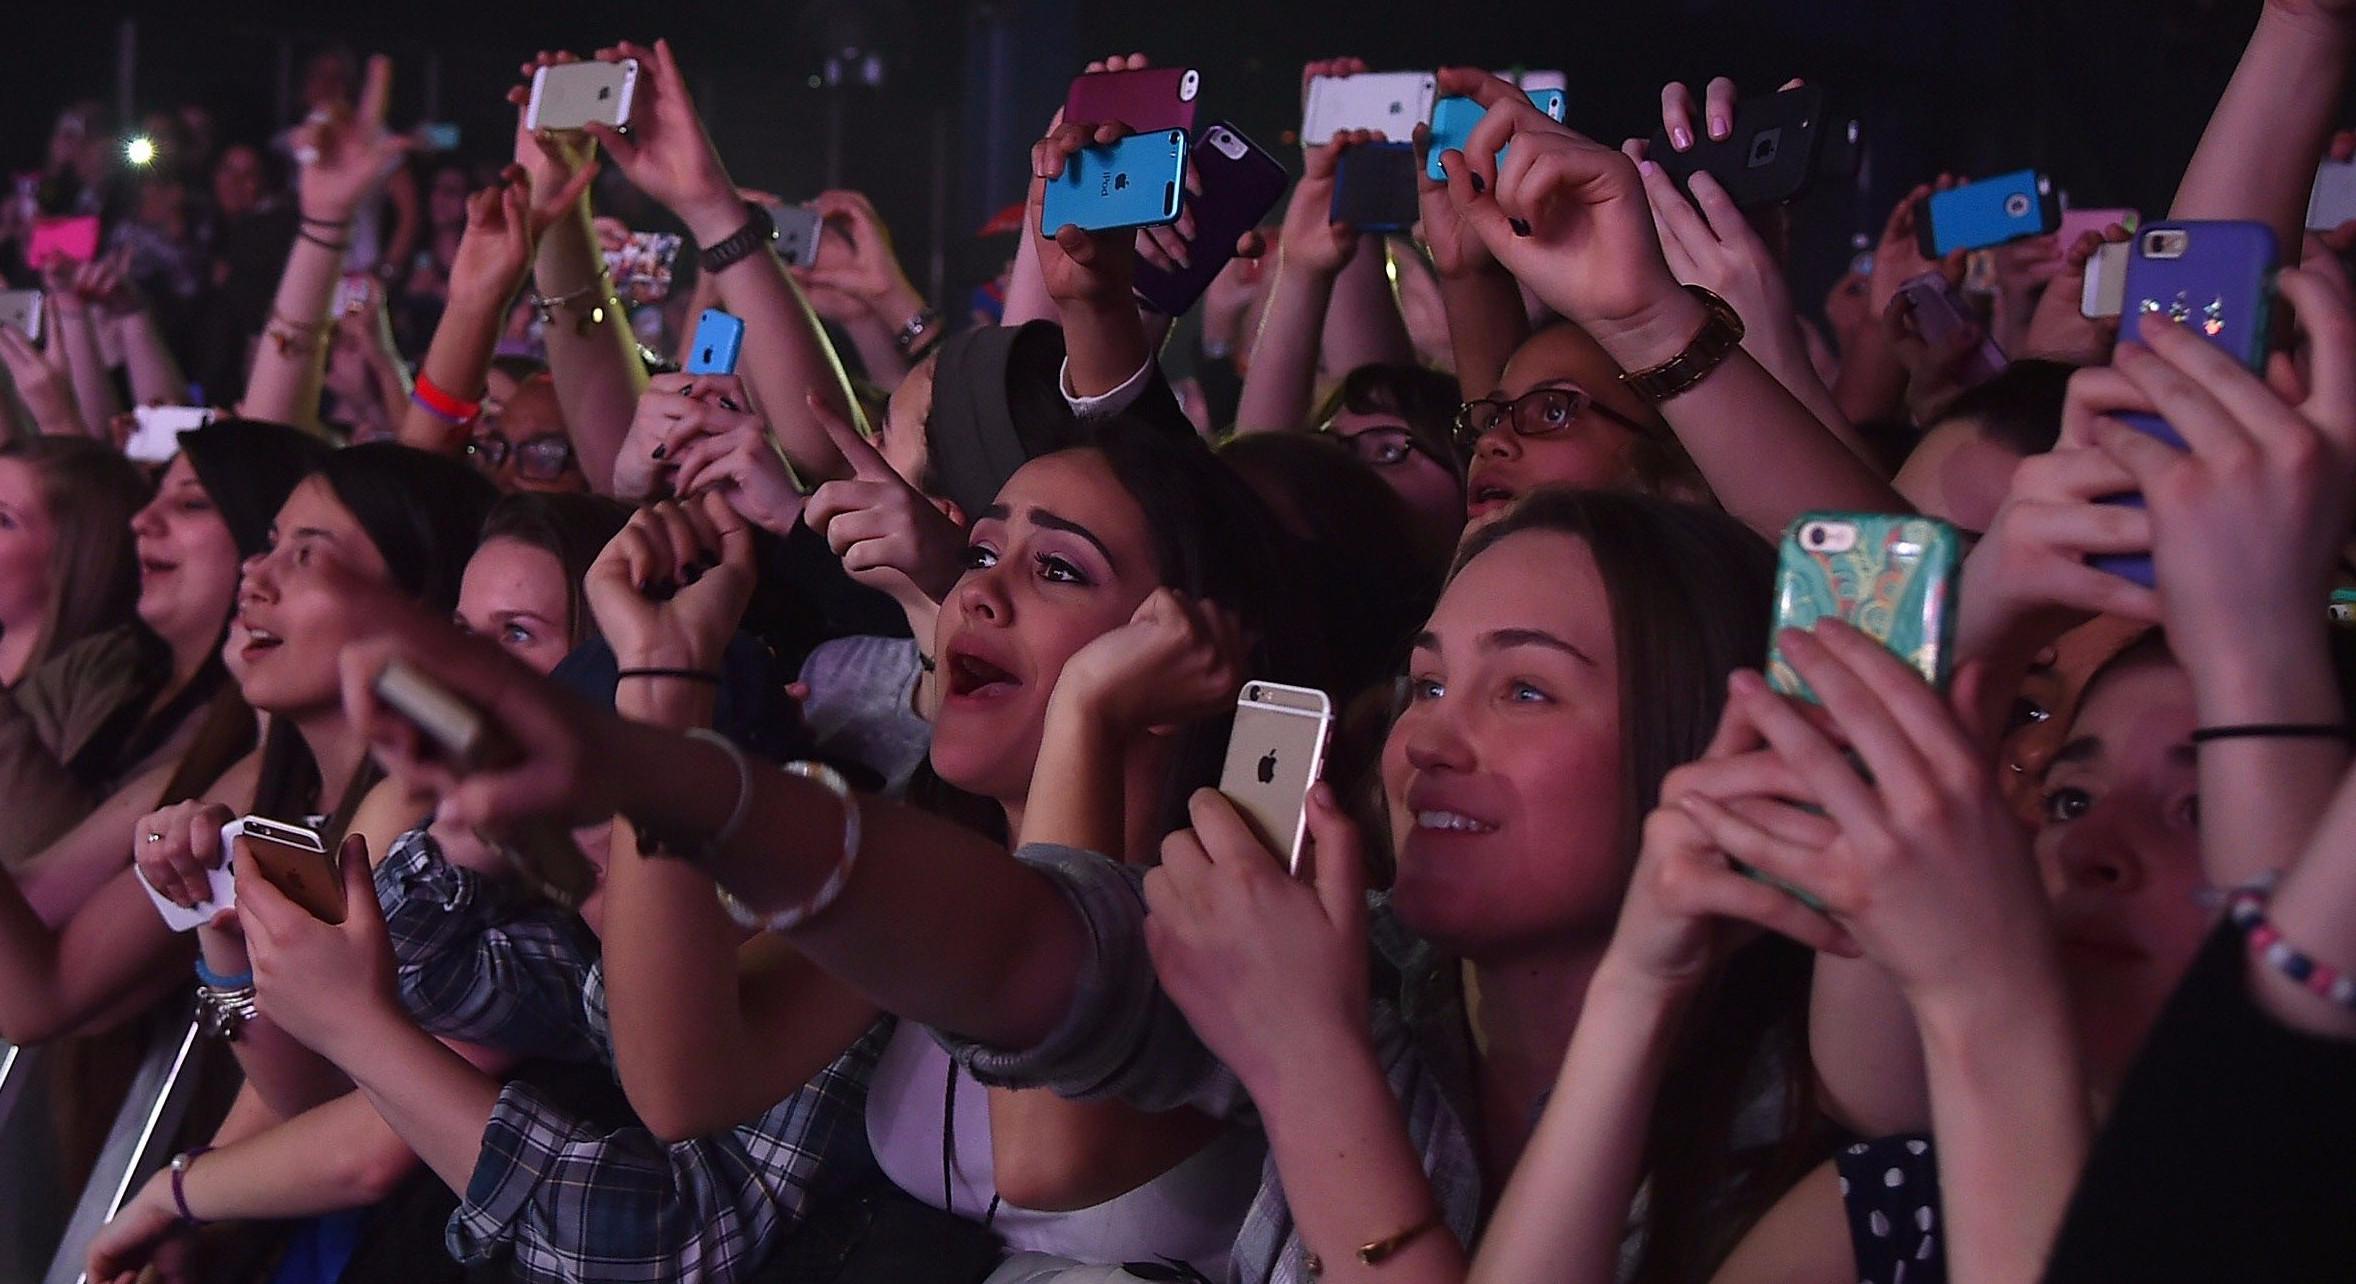 Grupa ludzi przed sceną z telefonami